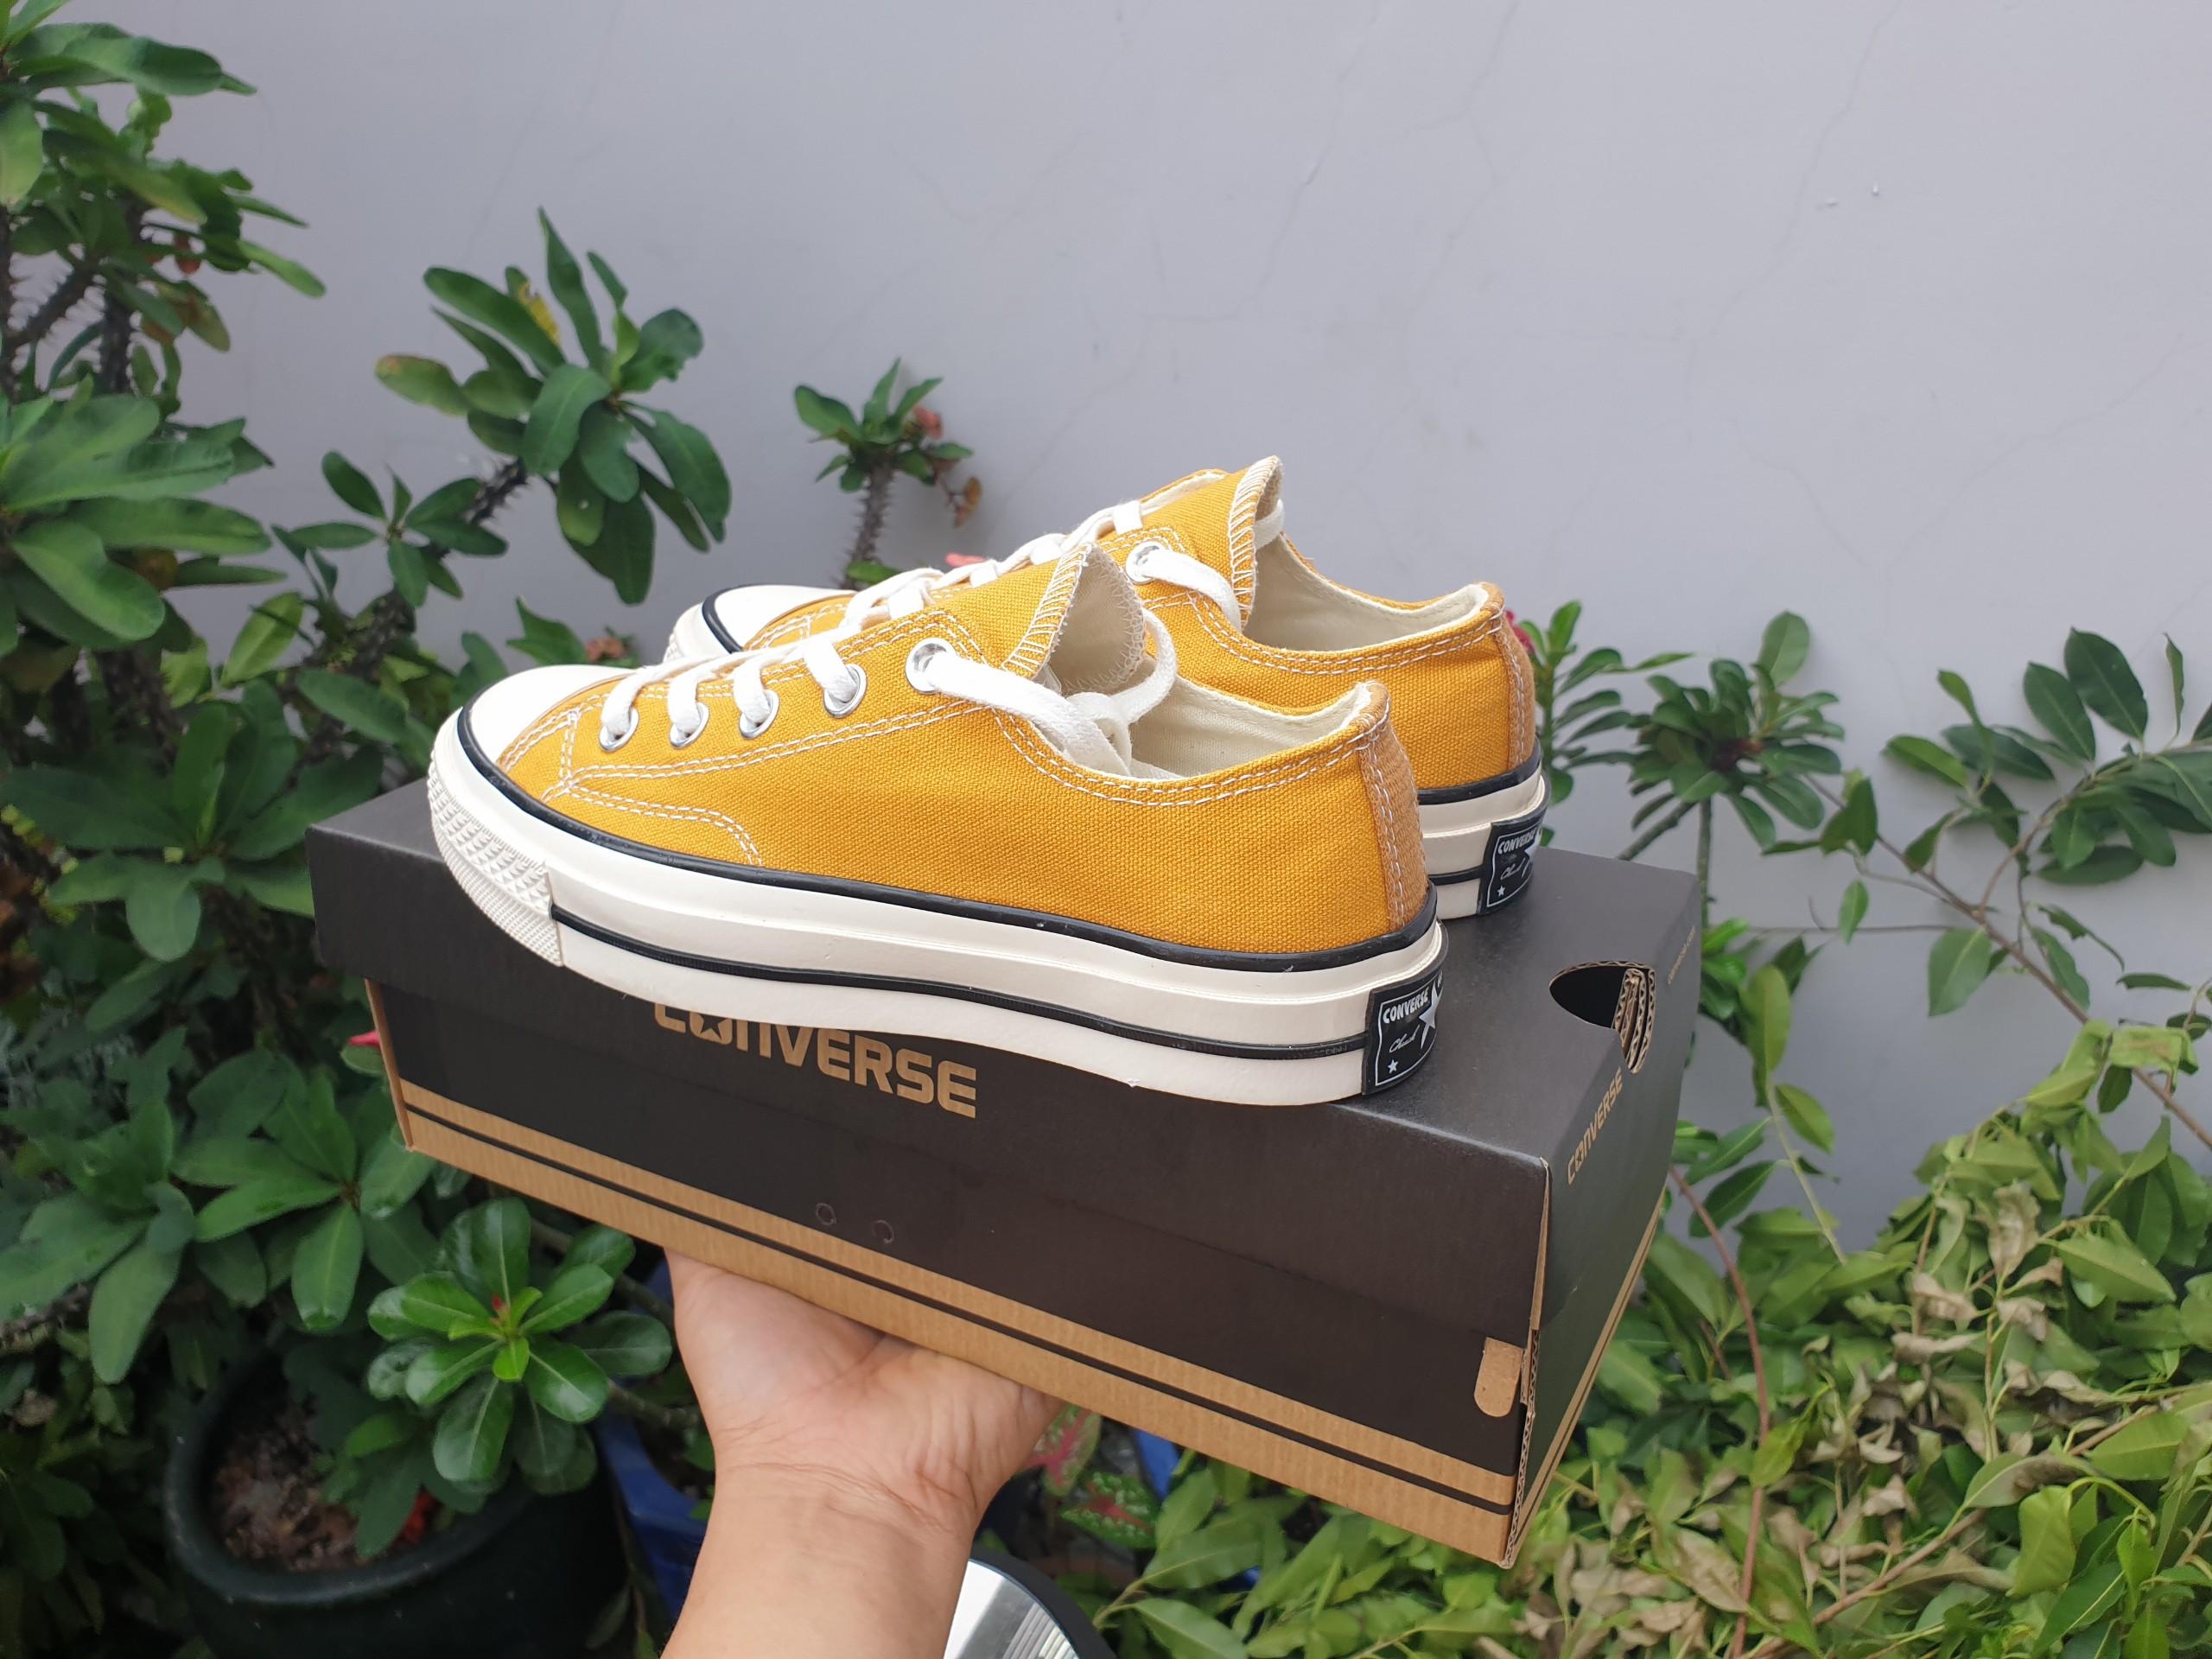 Giày converse vàng cổ thấp replica